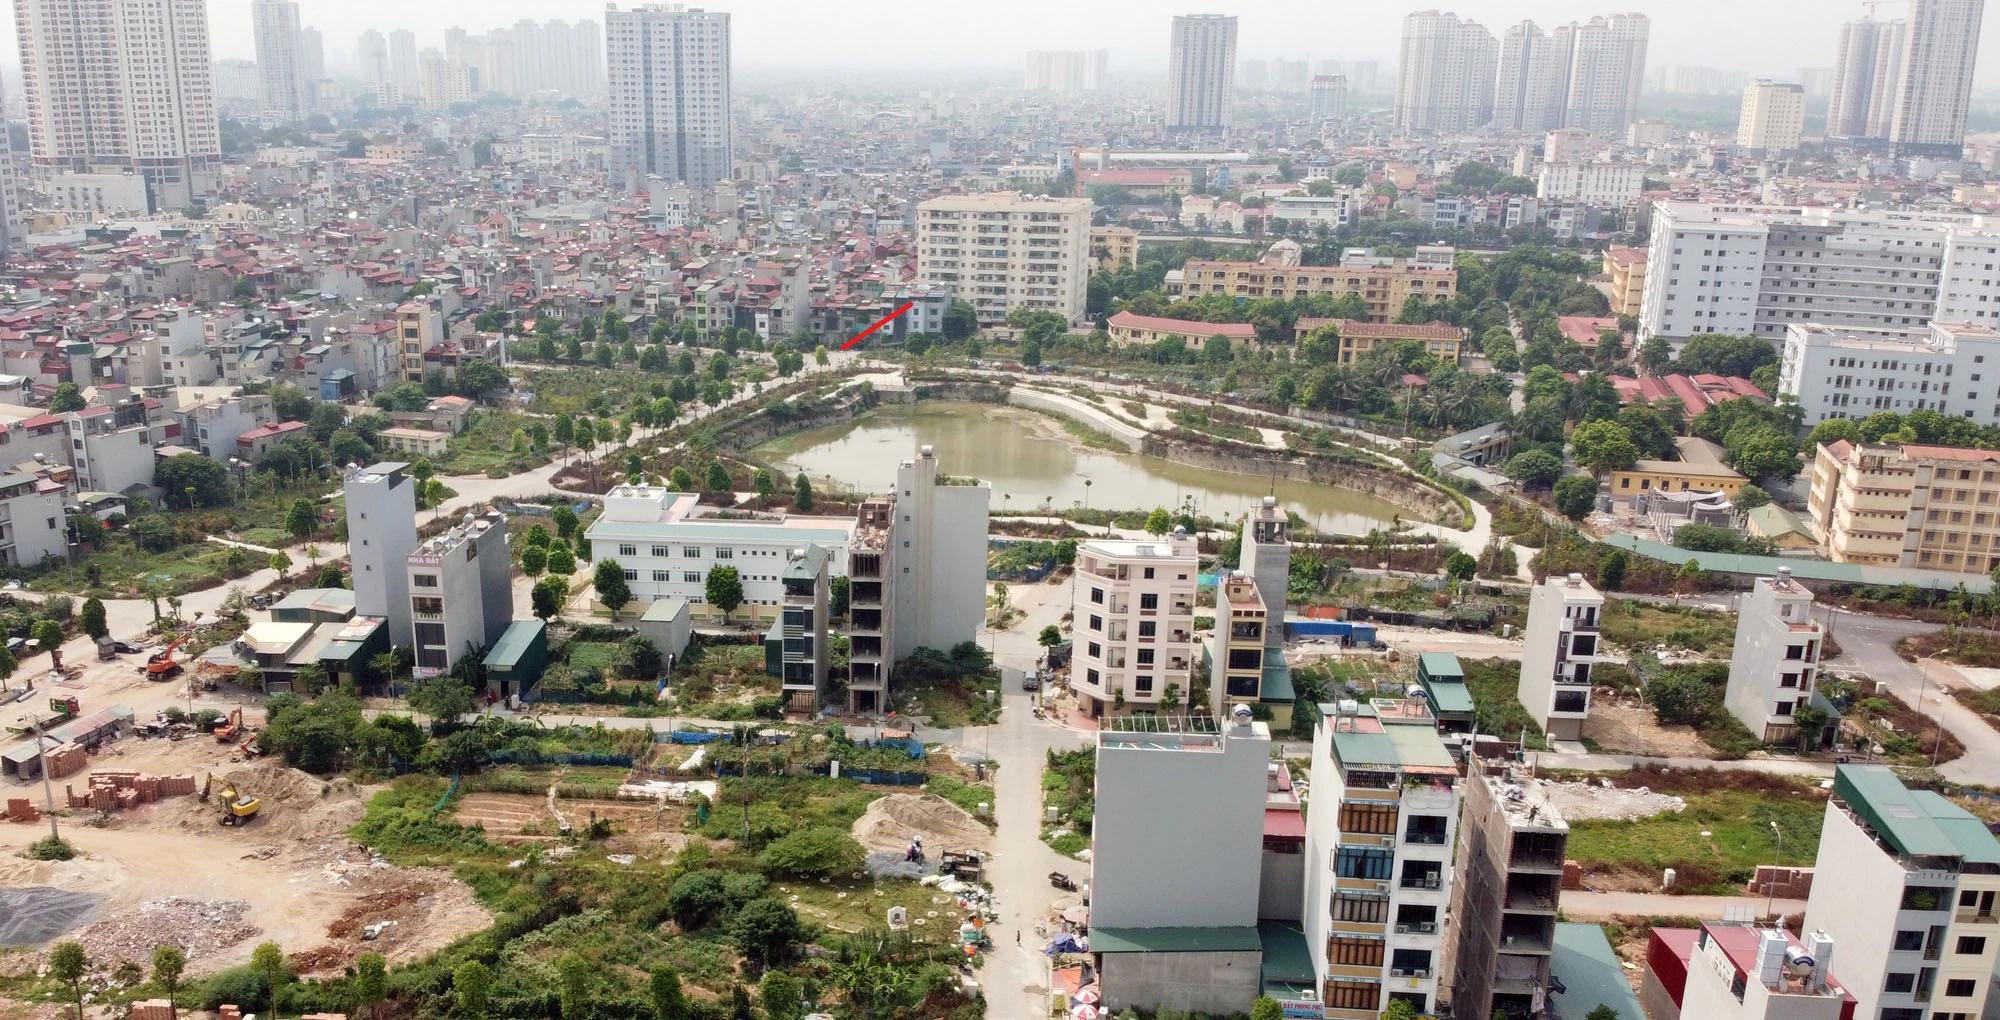 Kế hoạch sử dụng đất phường Quang Trung, Hà Đông, Hà Nội năm 2021 - Ảnh 1.